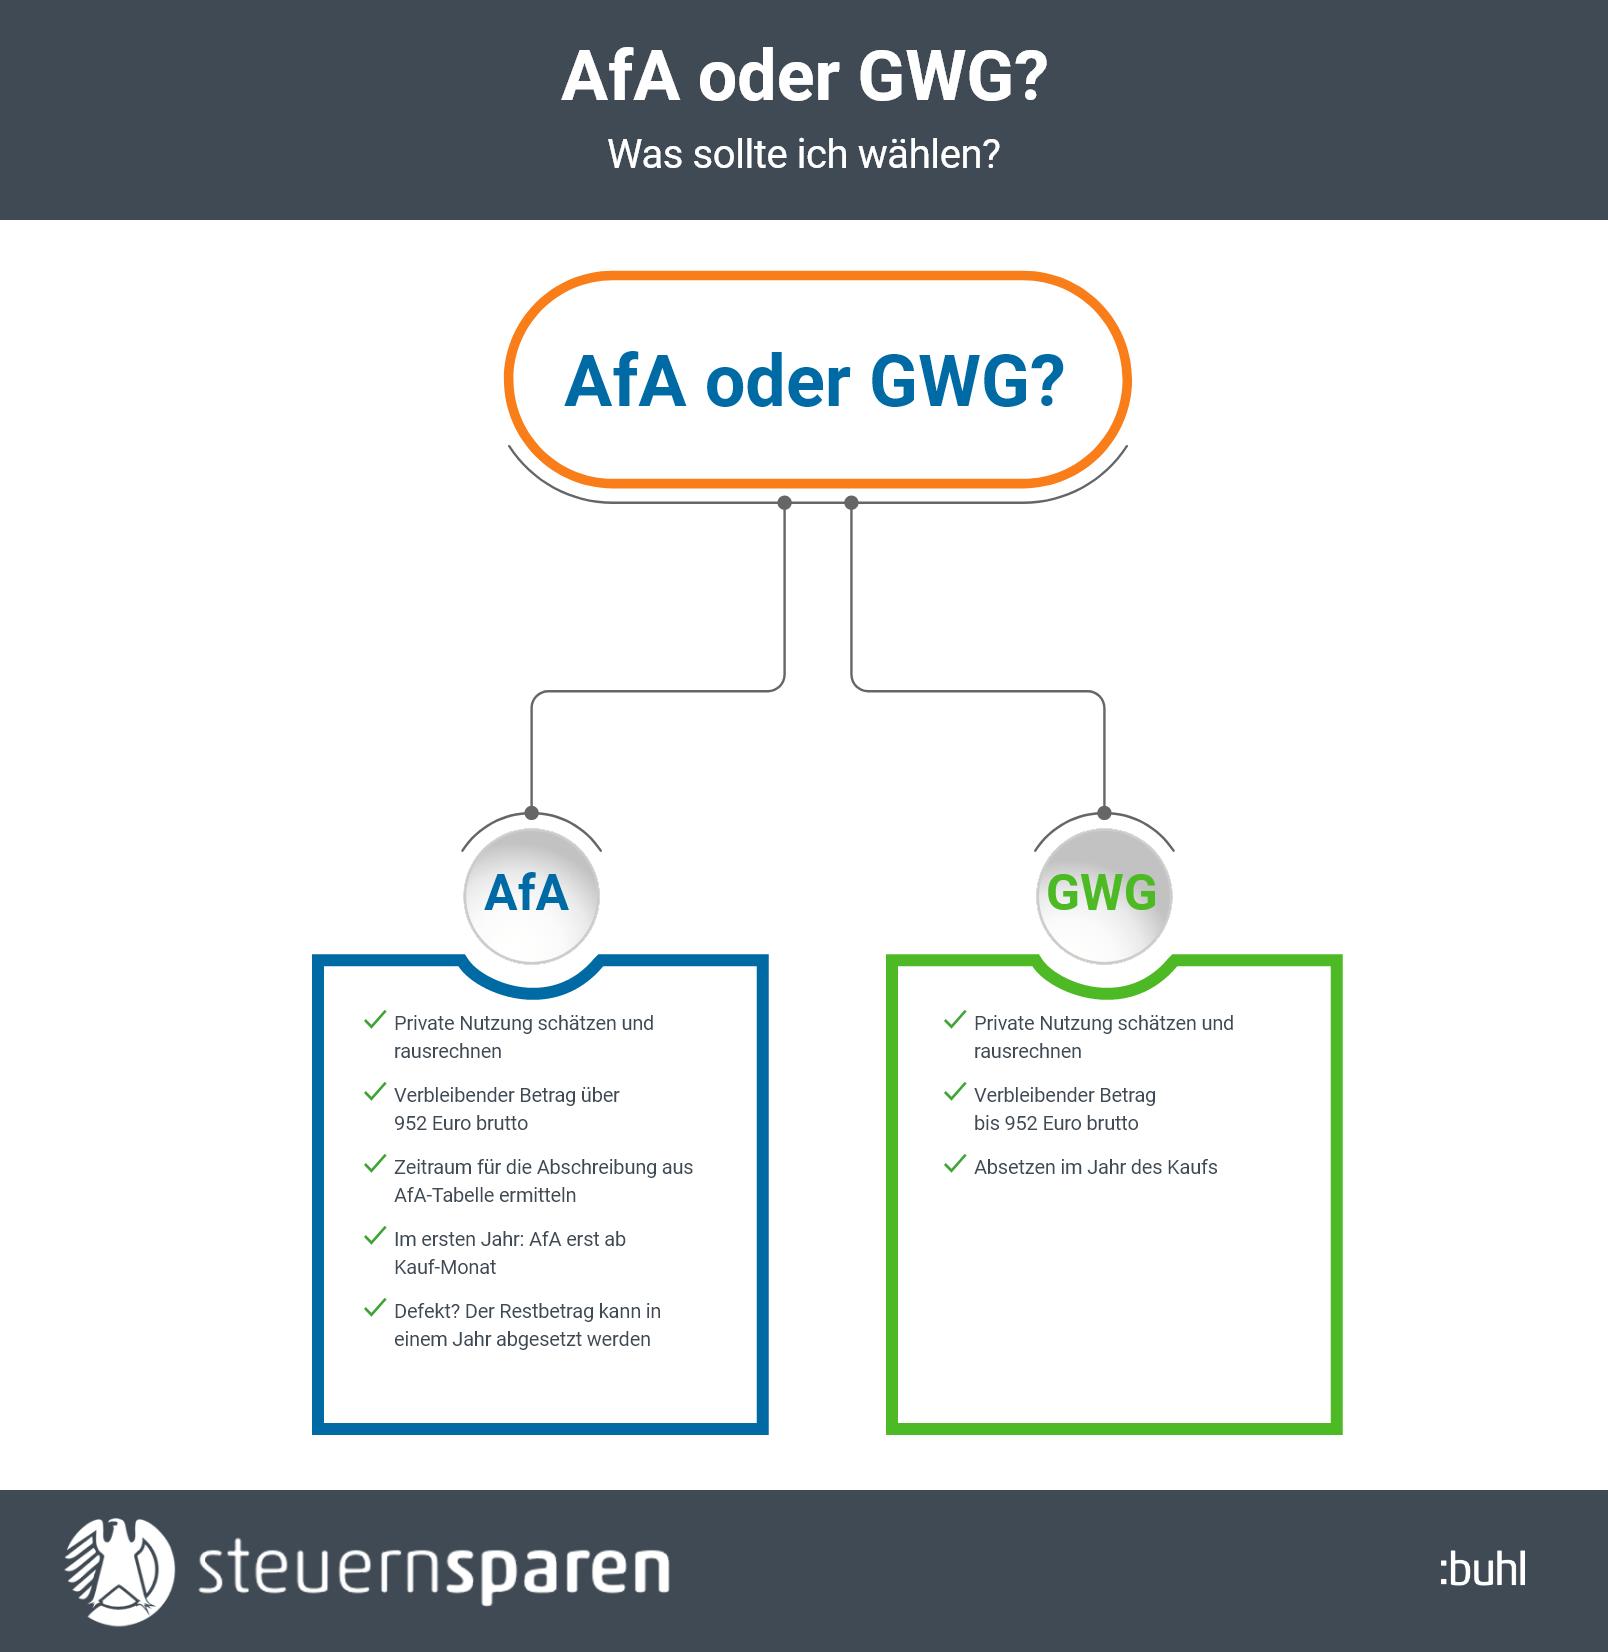 AfA oder GWG? Infografik auf einen Blick